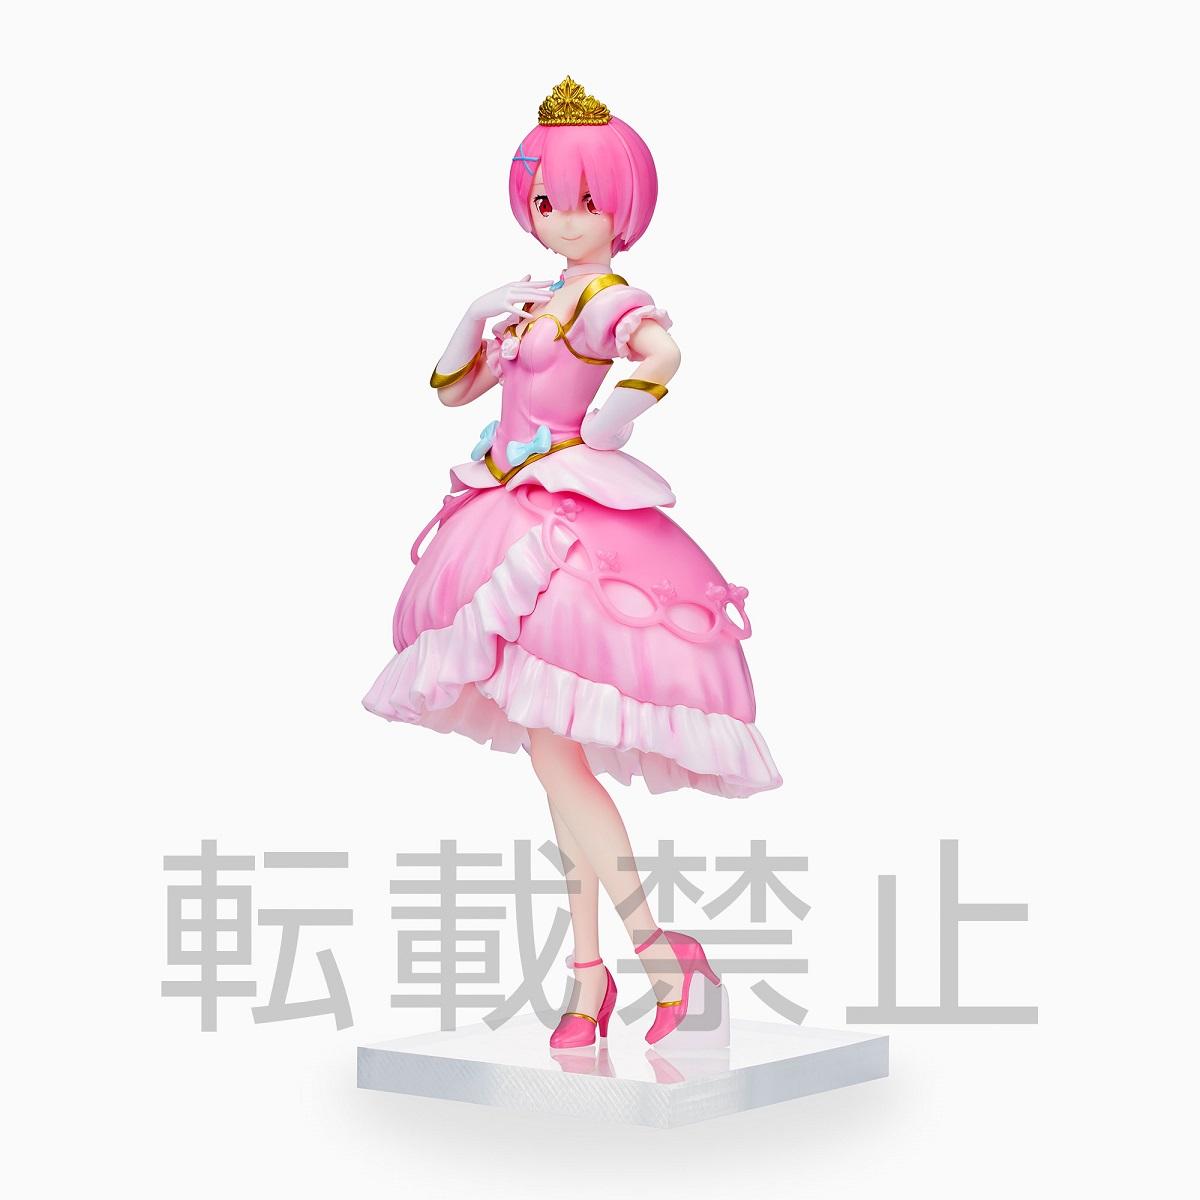 Ram Pretty Princess Ver Re:ZERO Prize Figure